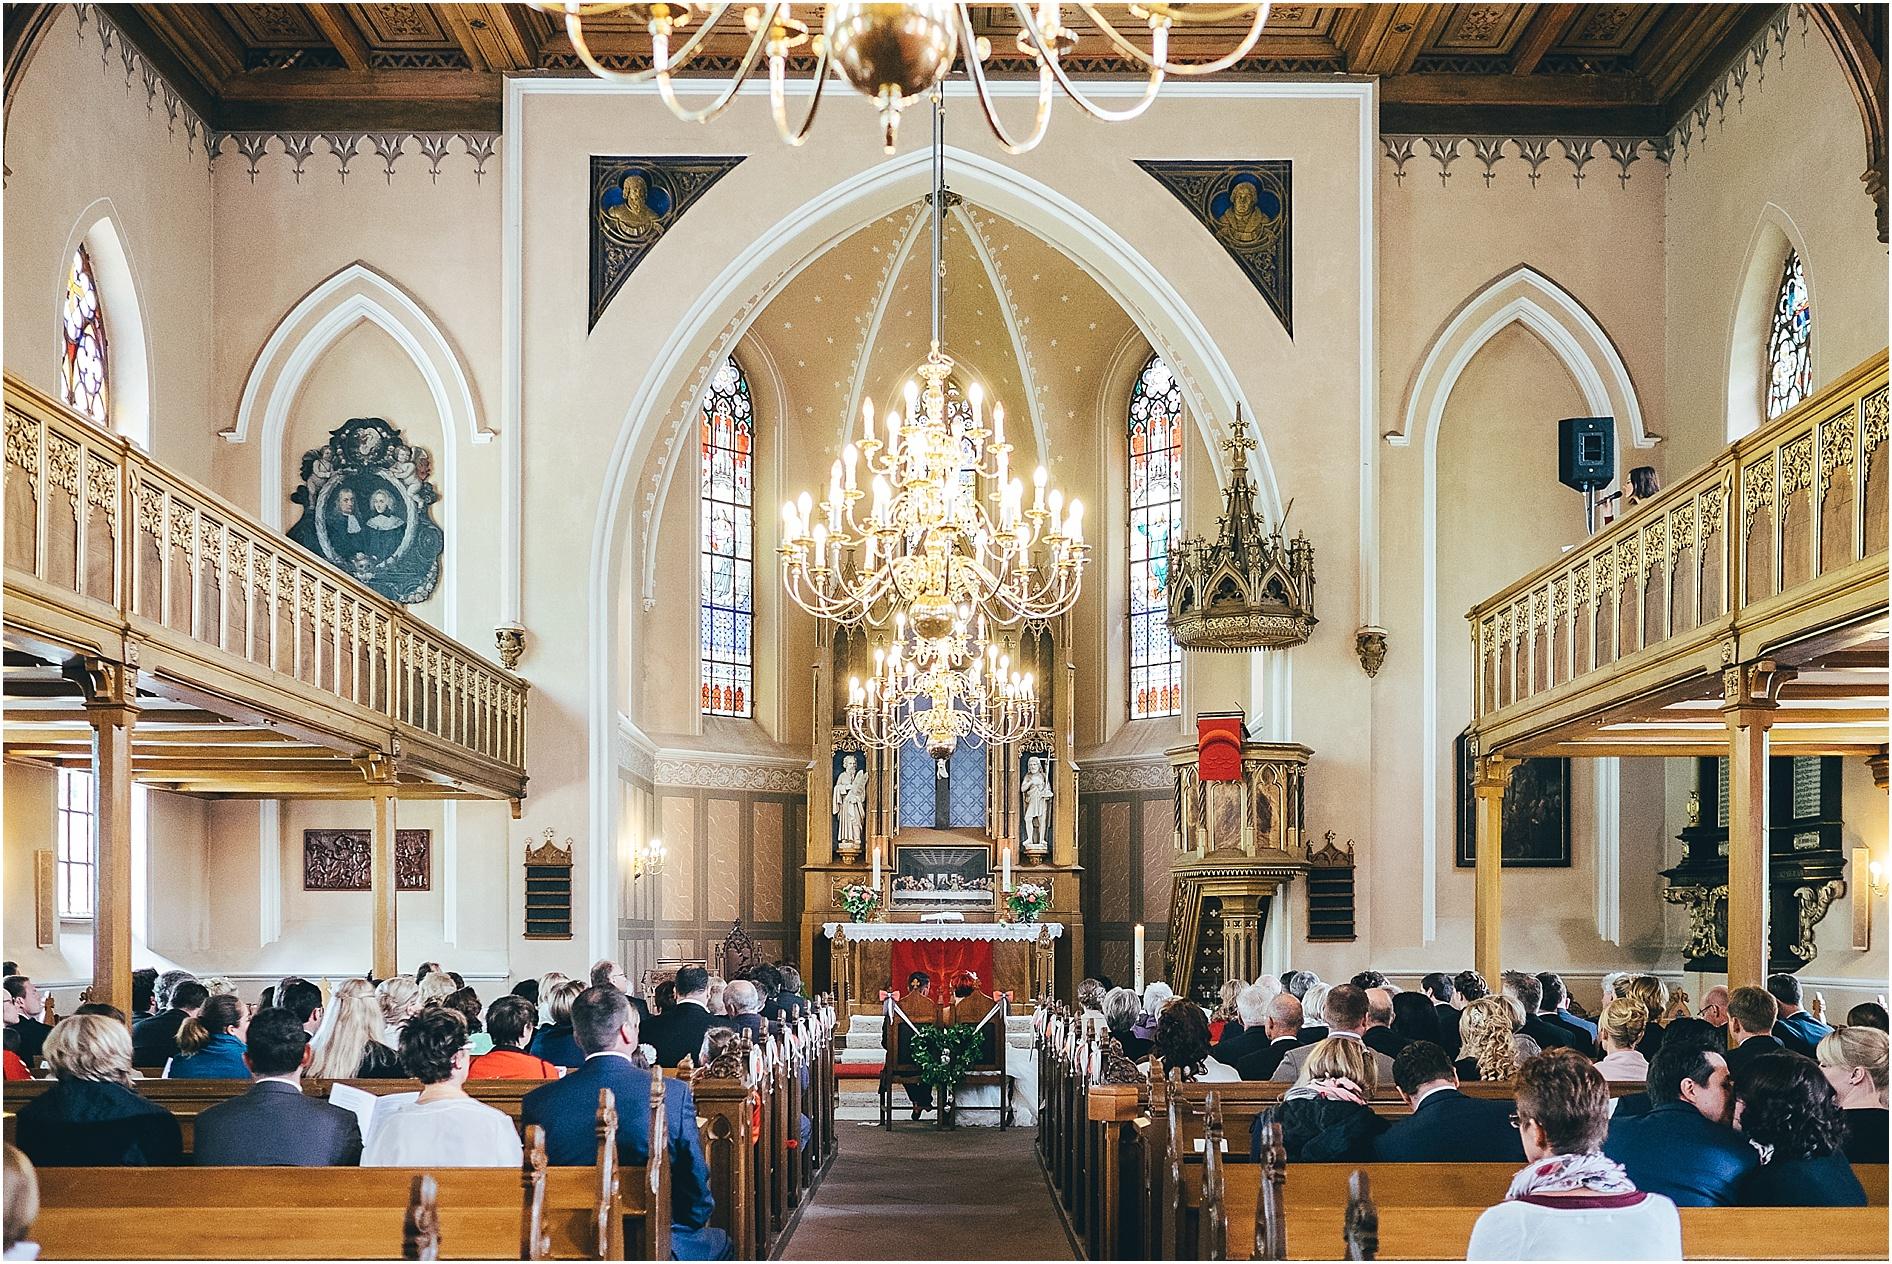 2015-10-27_0039 Tine & Chrischan - Hochzeitsfilm & Fotos in Lüneburg